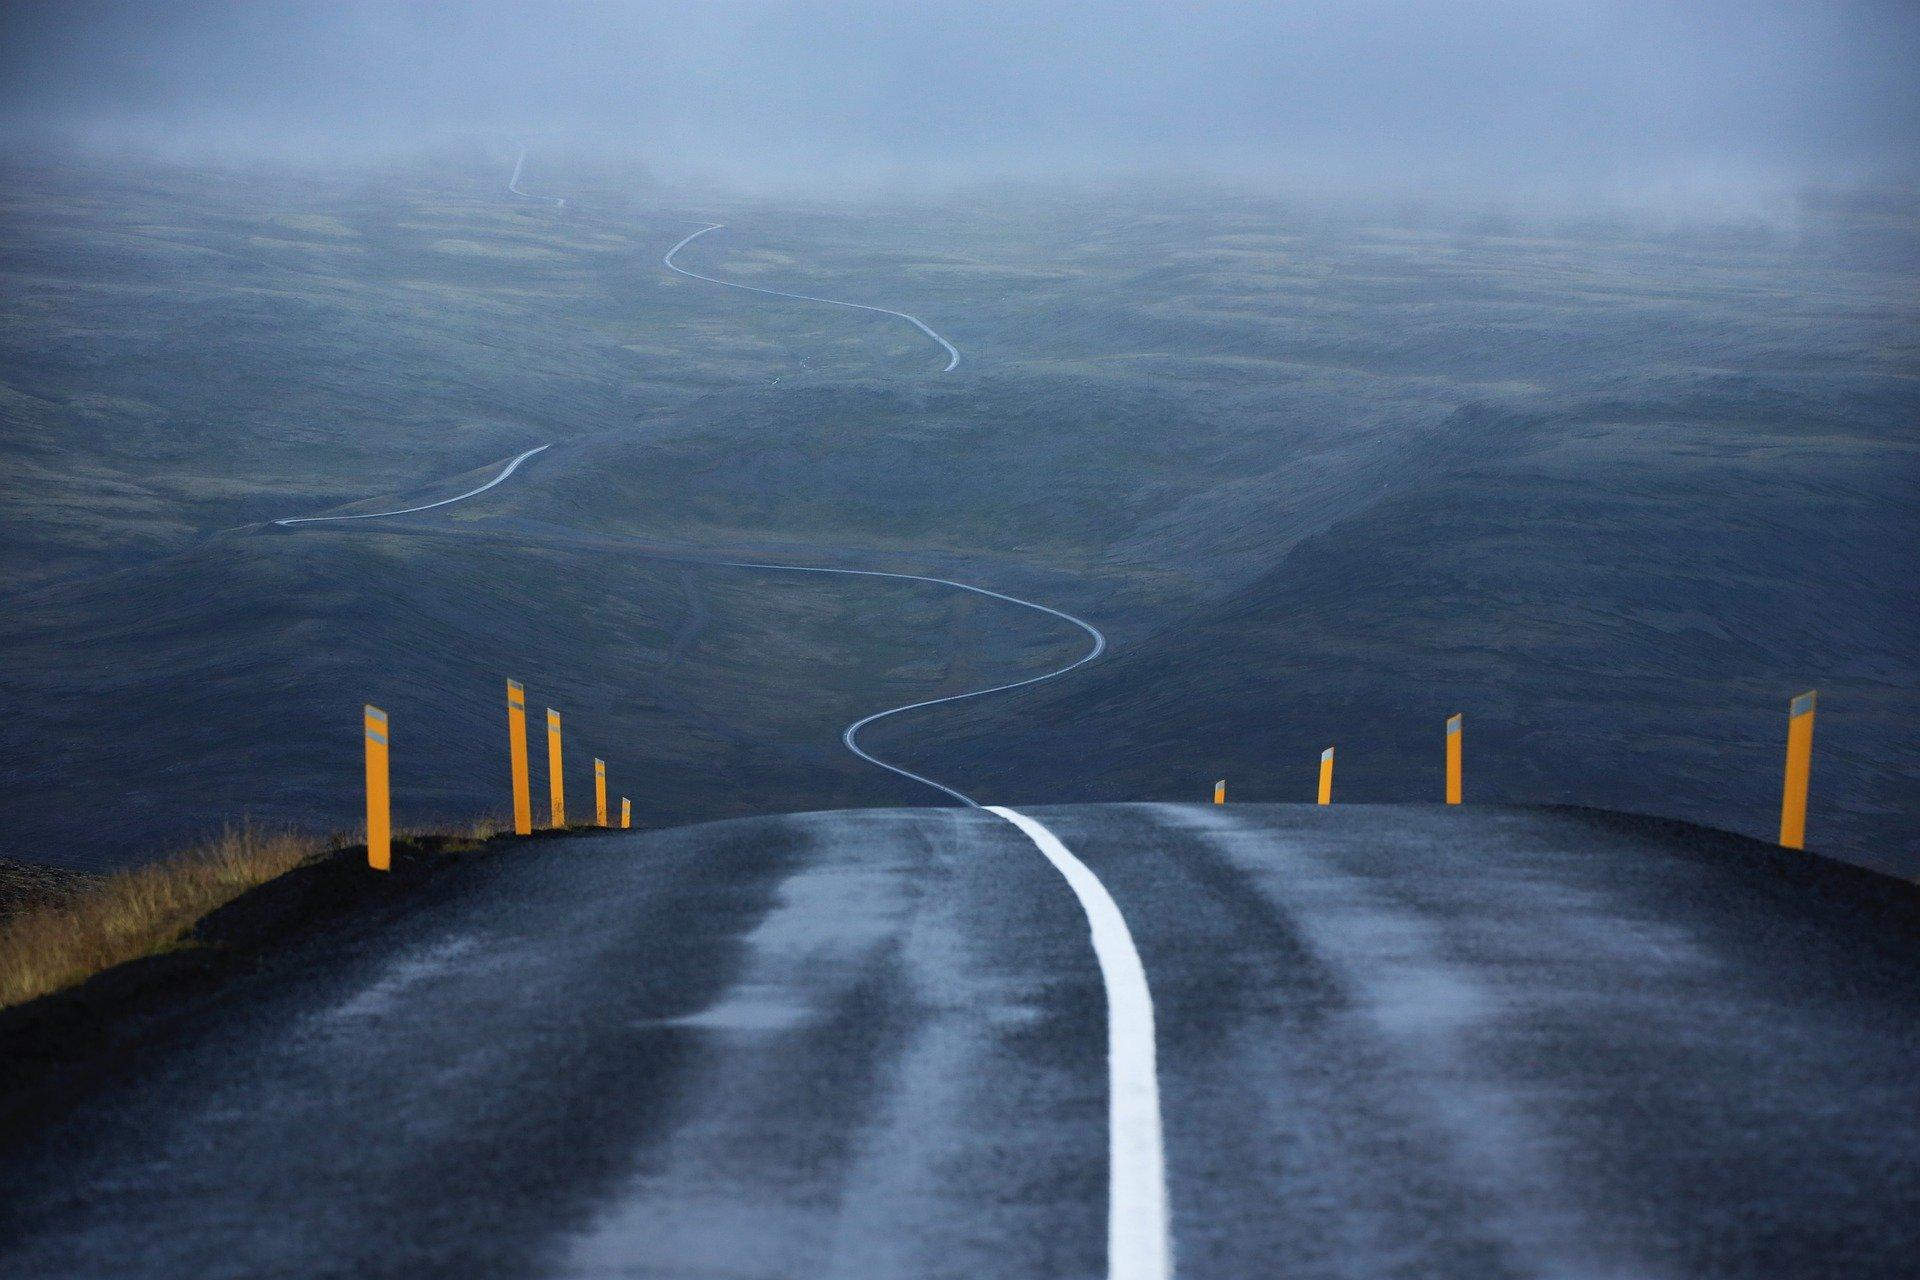 road-6175186_1920.jpg